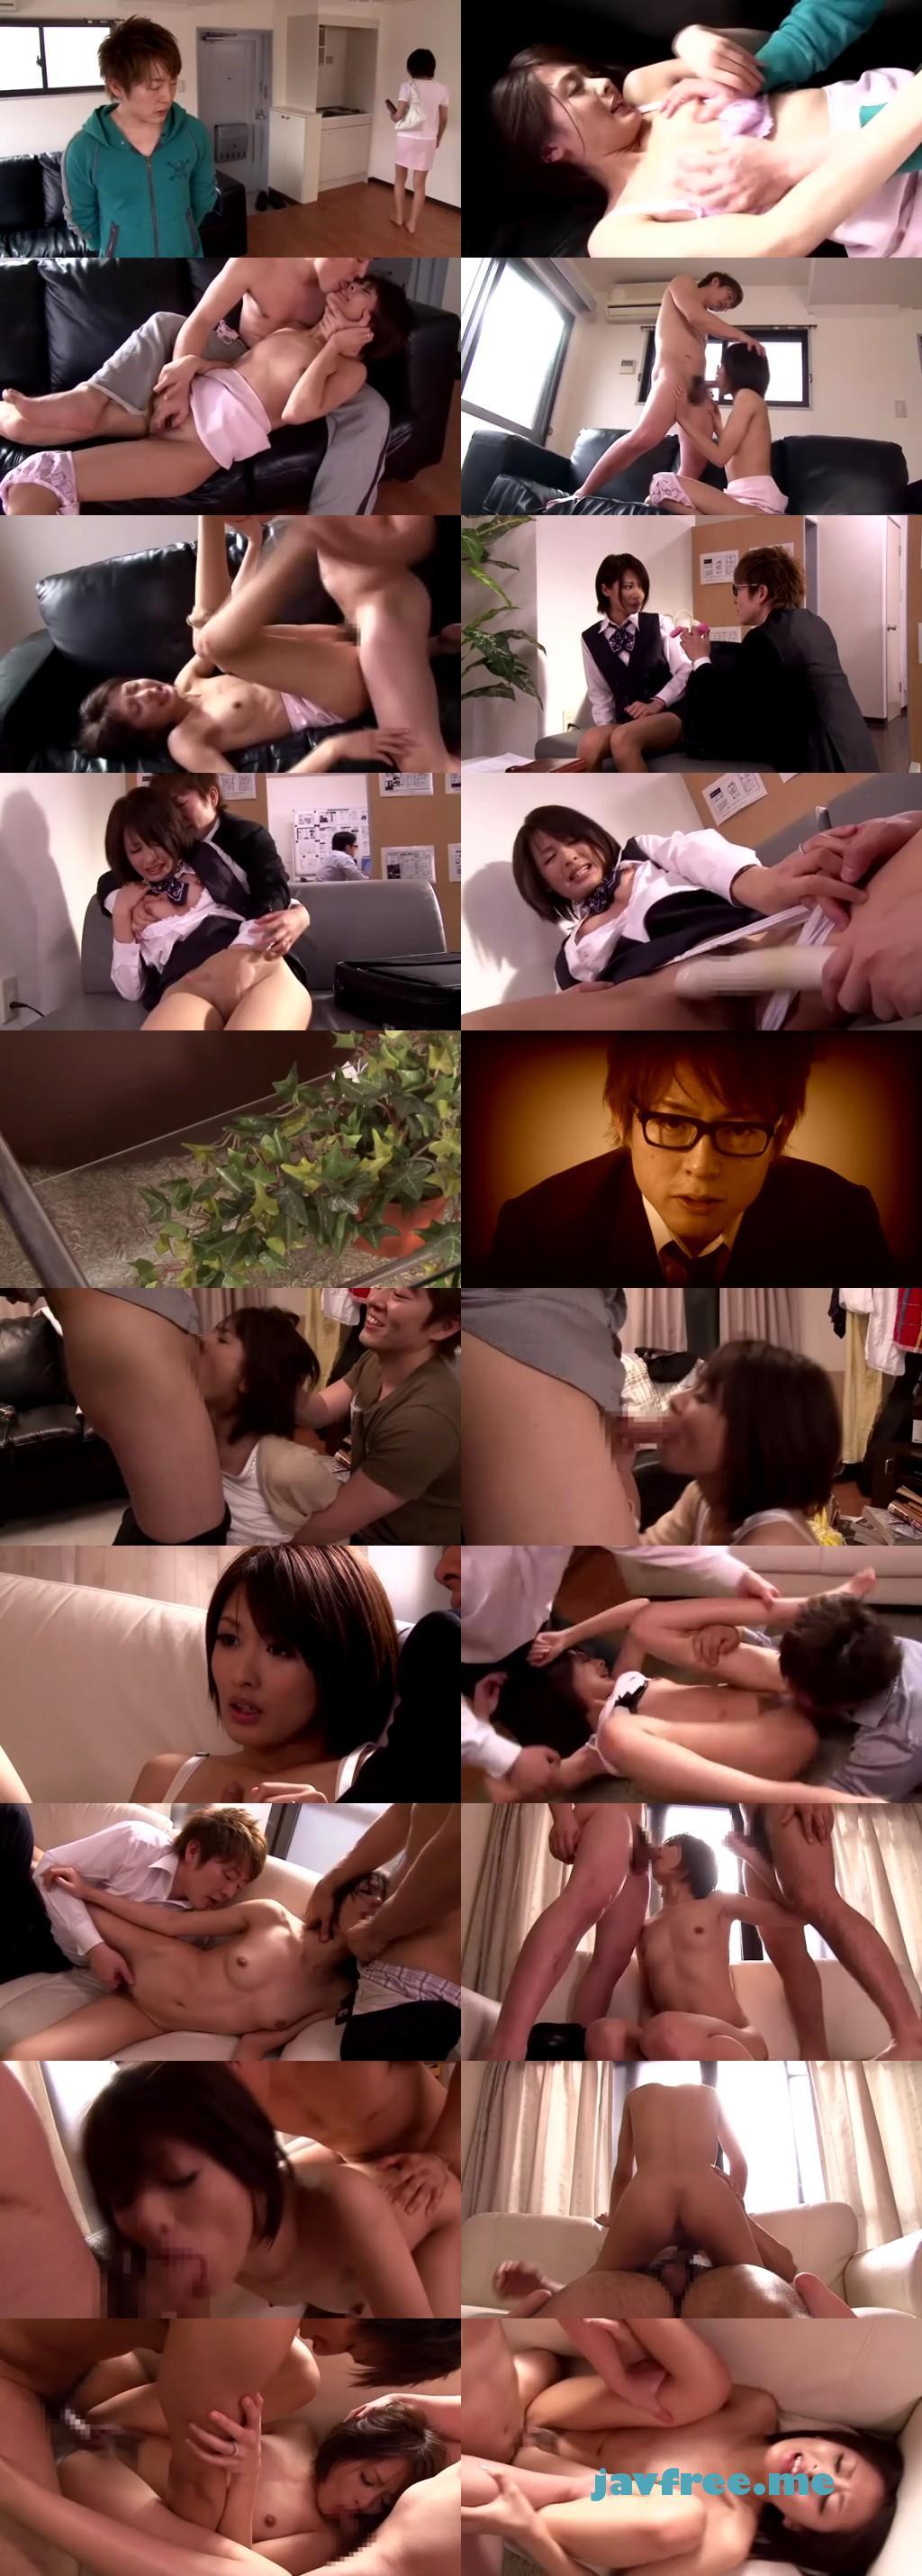 [JUC 902] 同僚の新妻 夏目優希 夏目優希 JUC